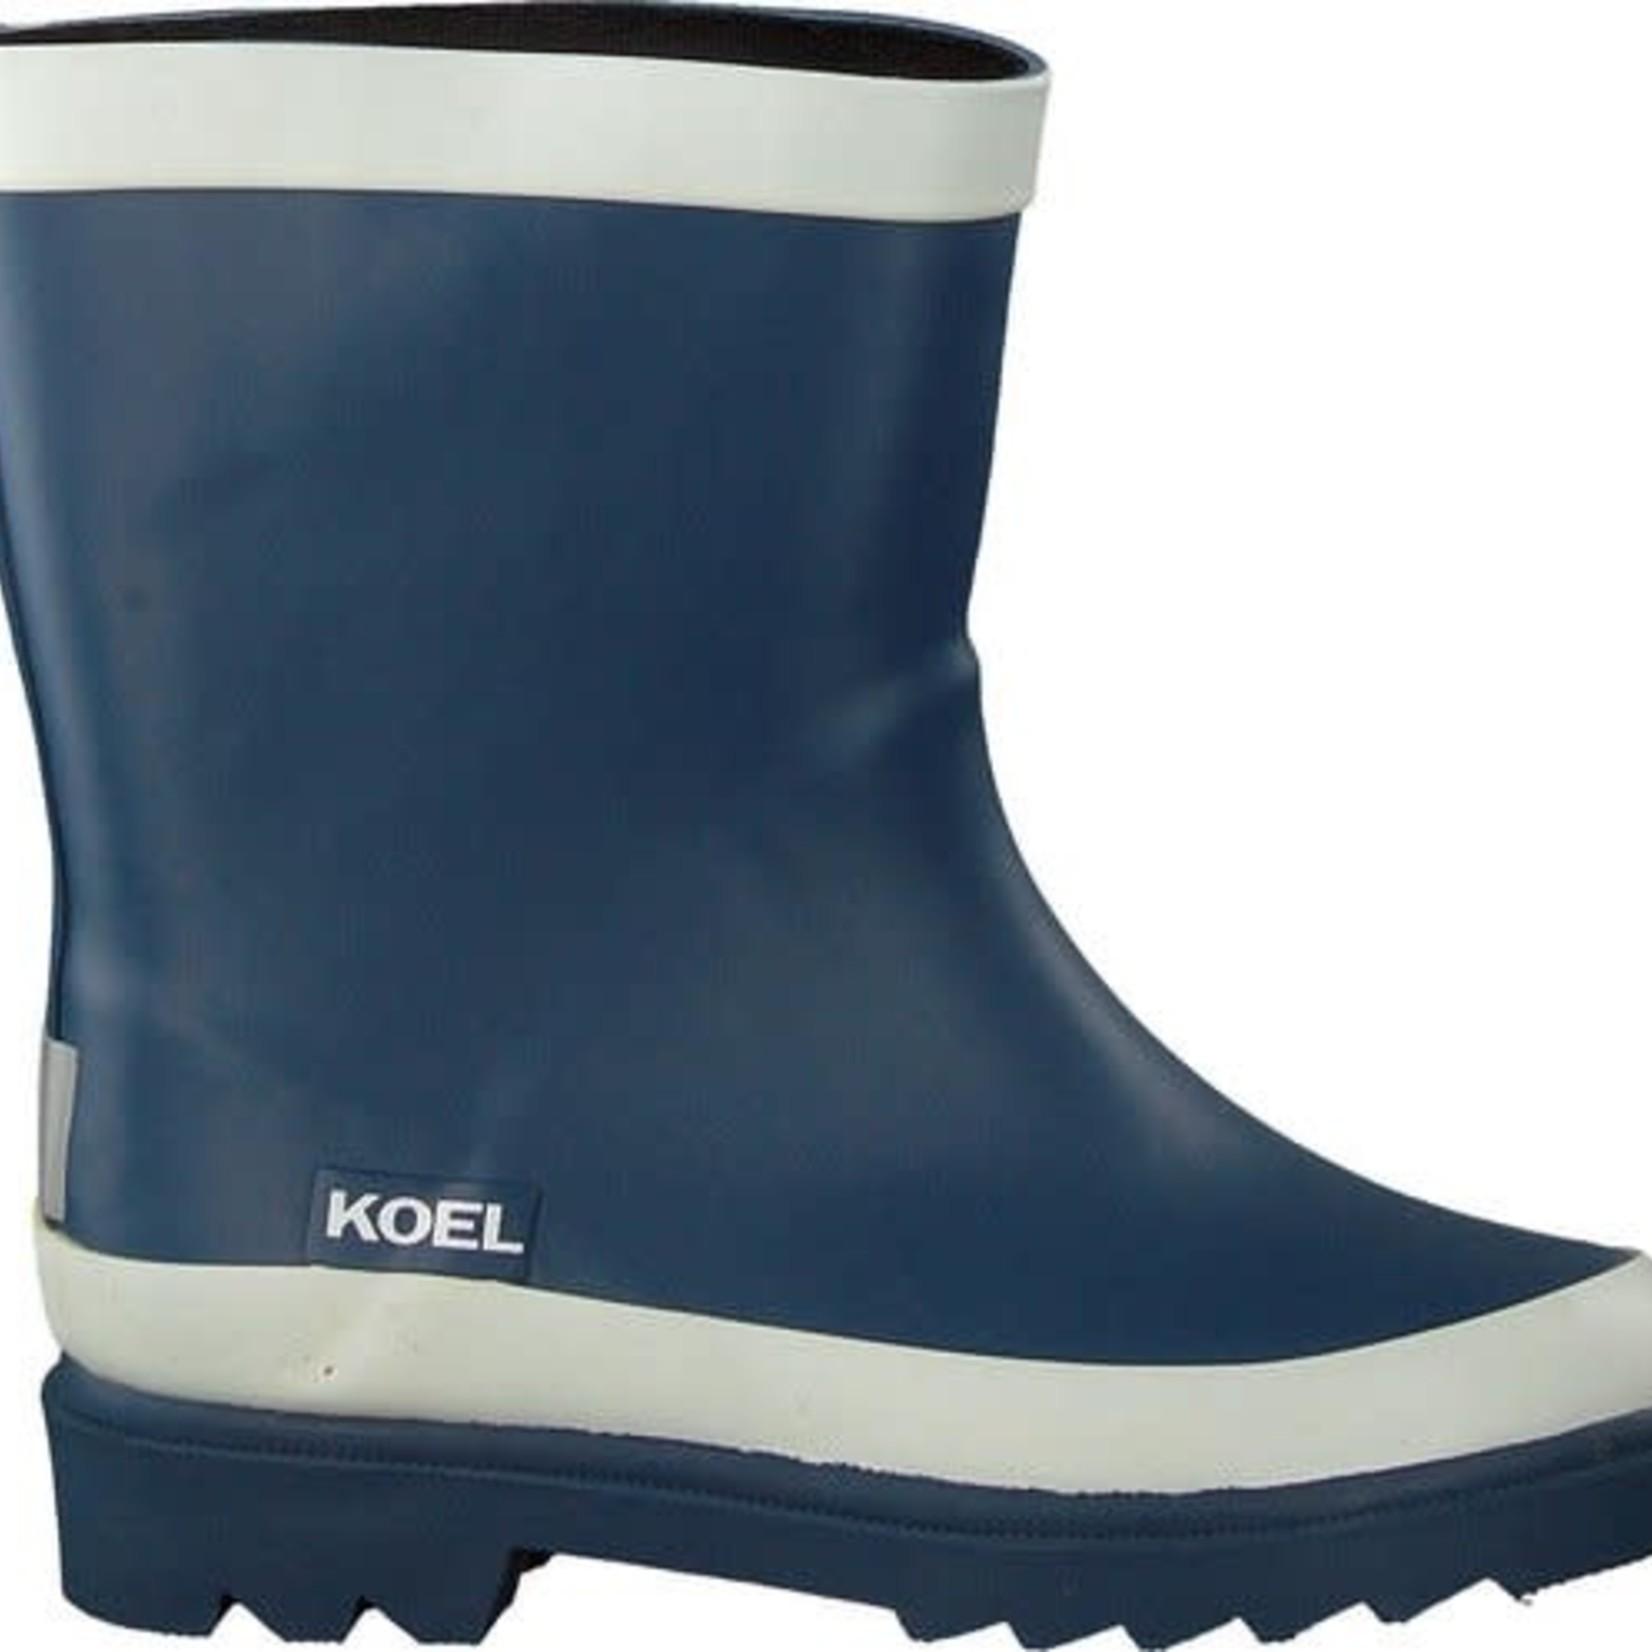 KOEL 4 KIDS KOEL-regenlaars-blauw